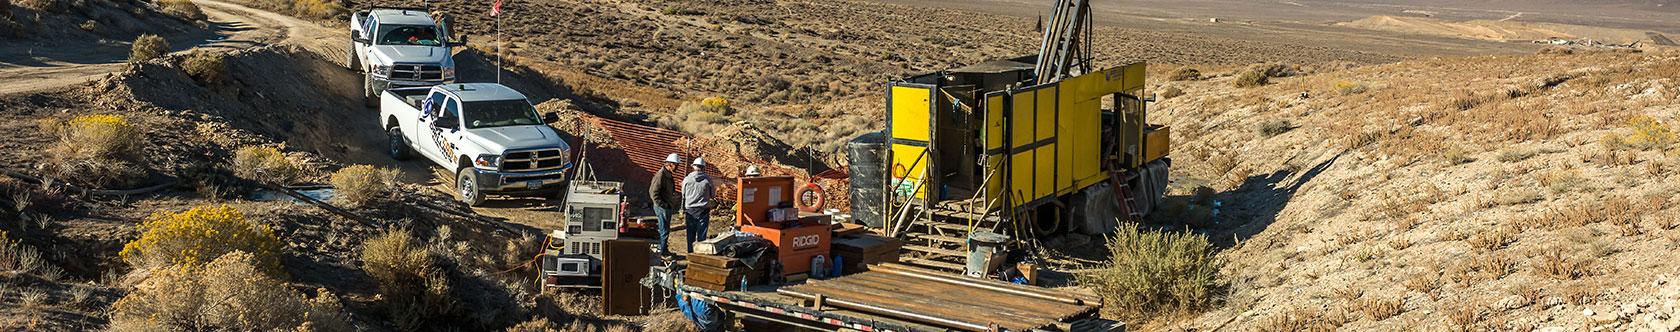 Diamond drill rig in the North area